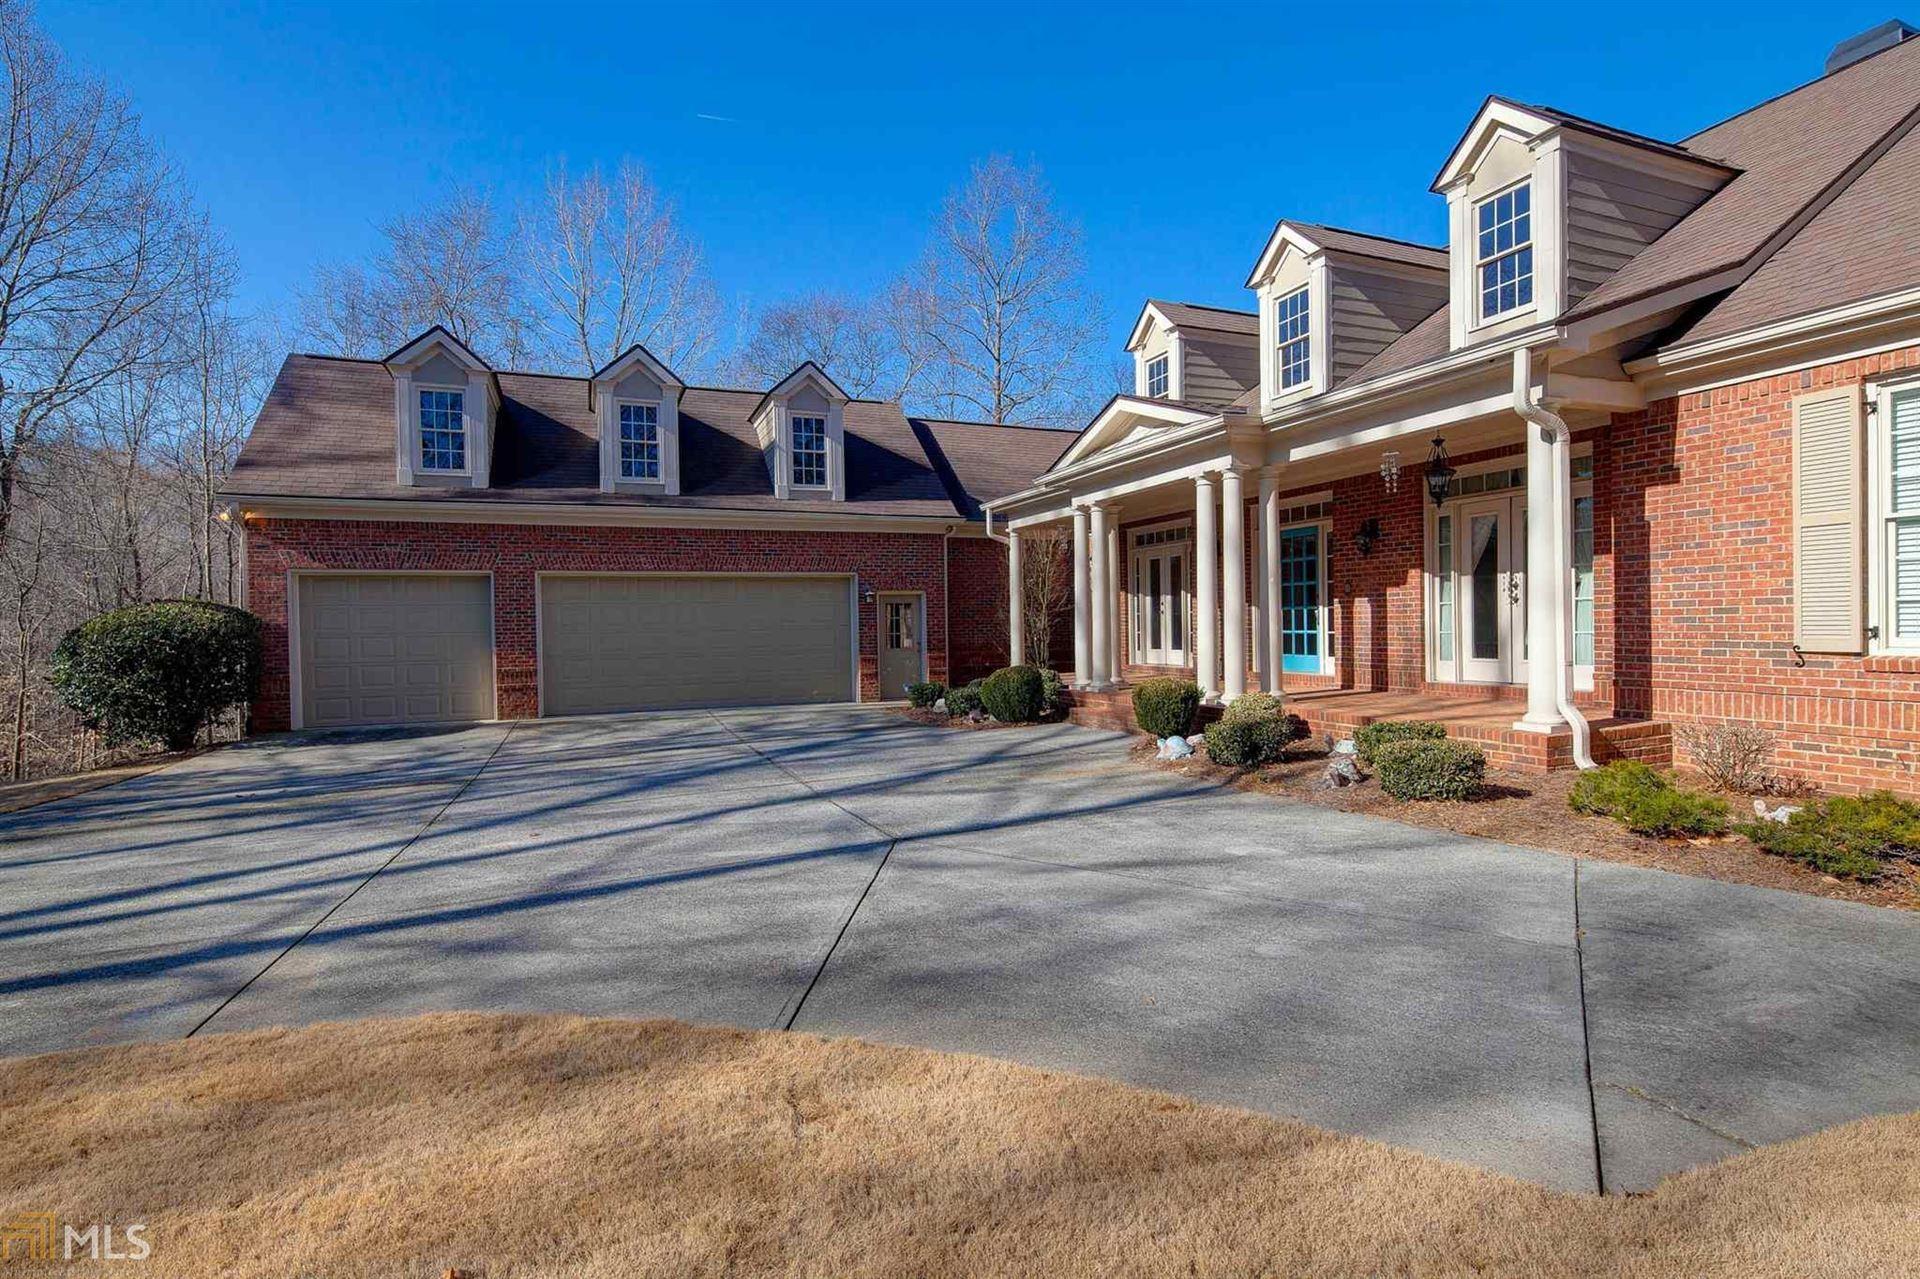 611 Ashford Estates Avevue, Canton, GA 30115 - #: 8913508